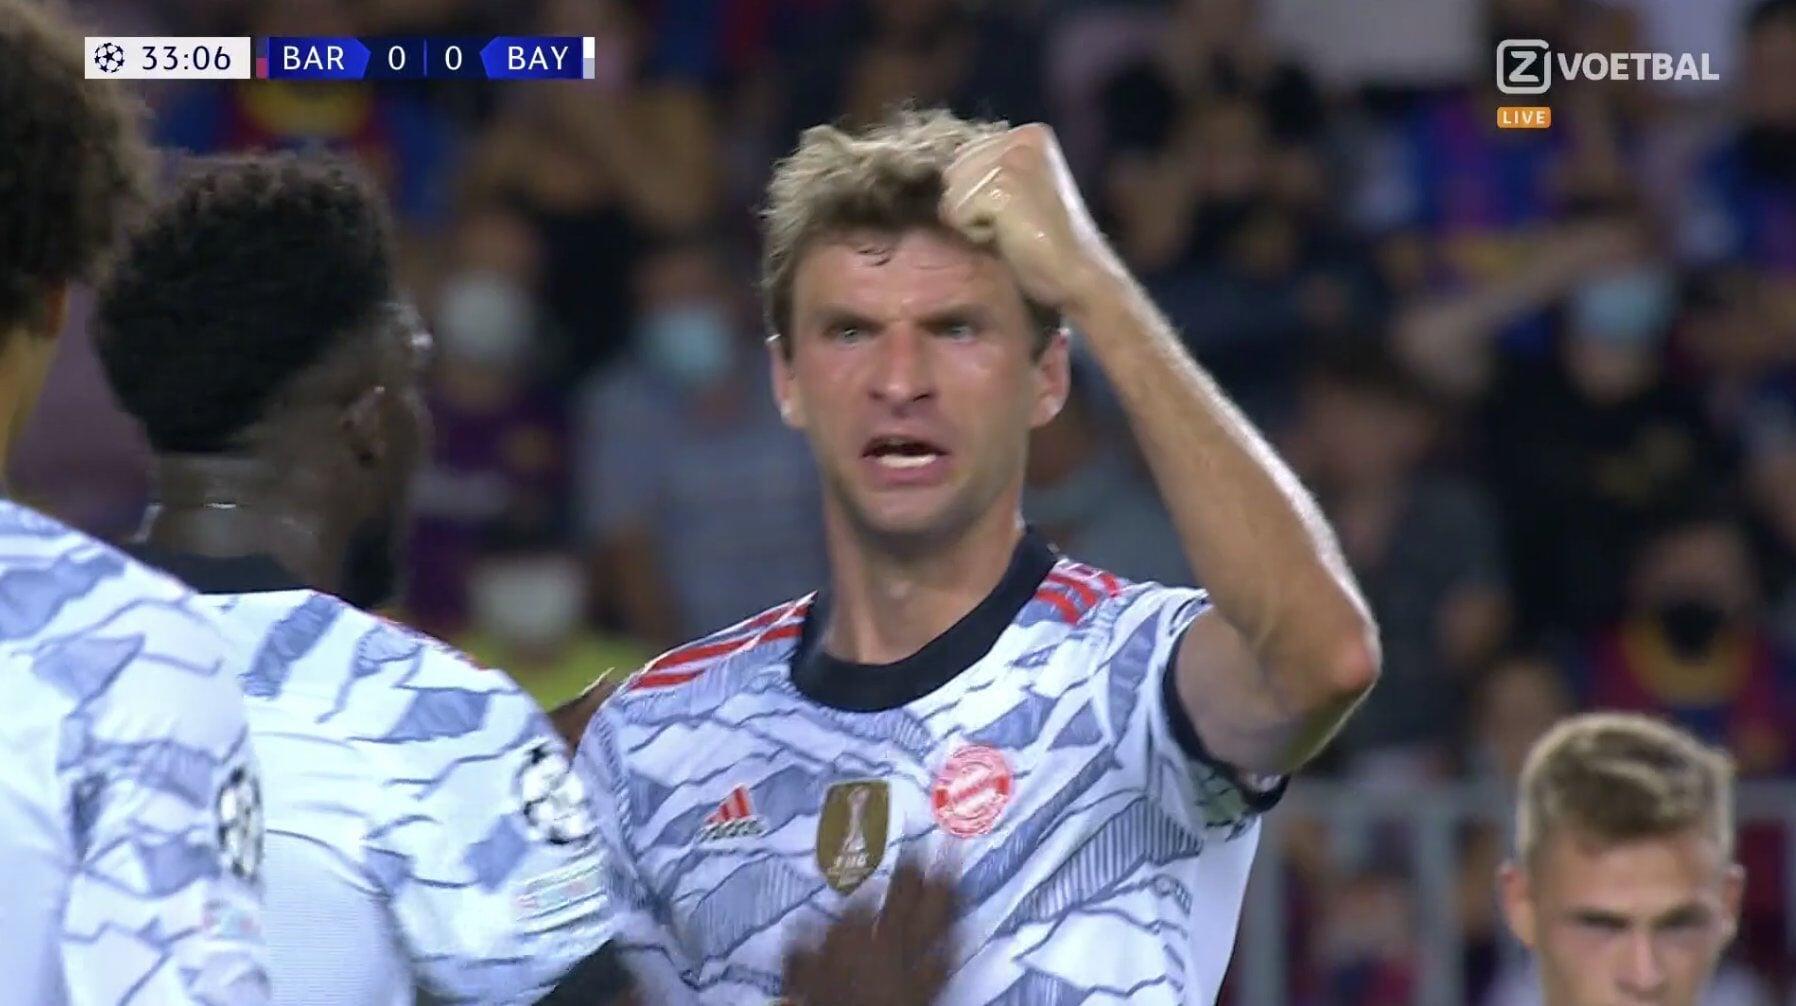 «Бавария» выиграла у «Барсы» 3 матча подряд. Общий счет – 14:4